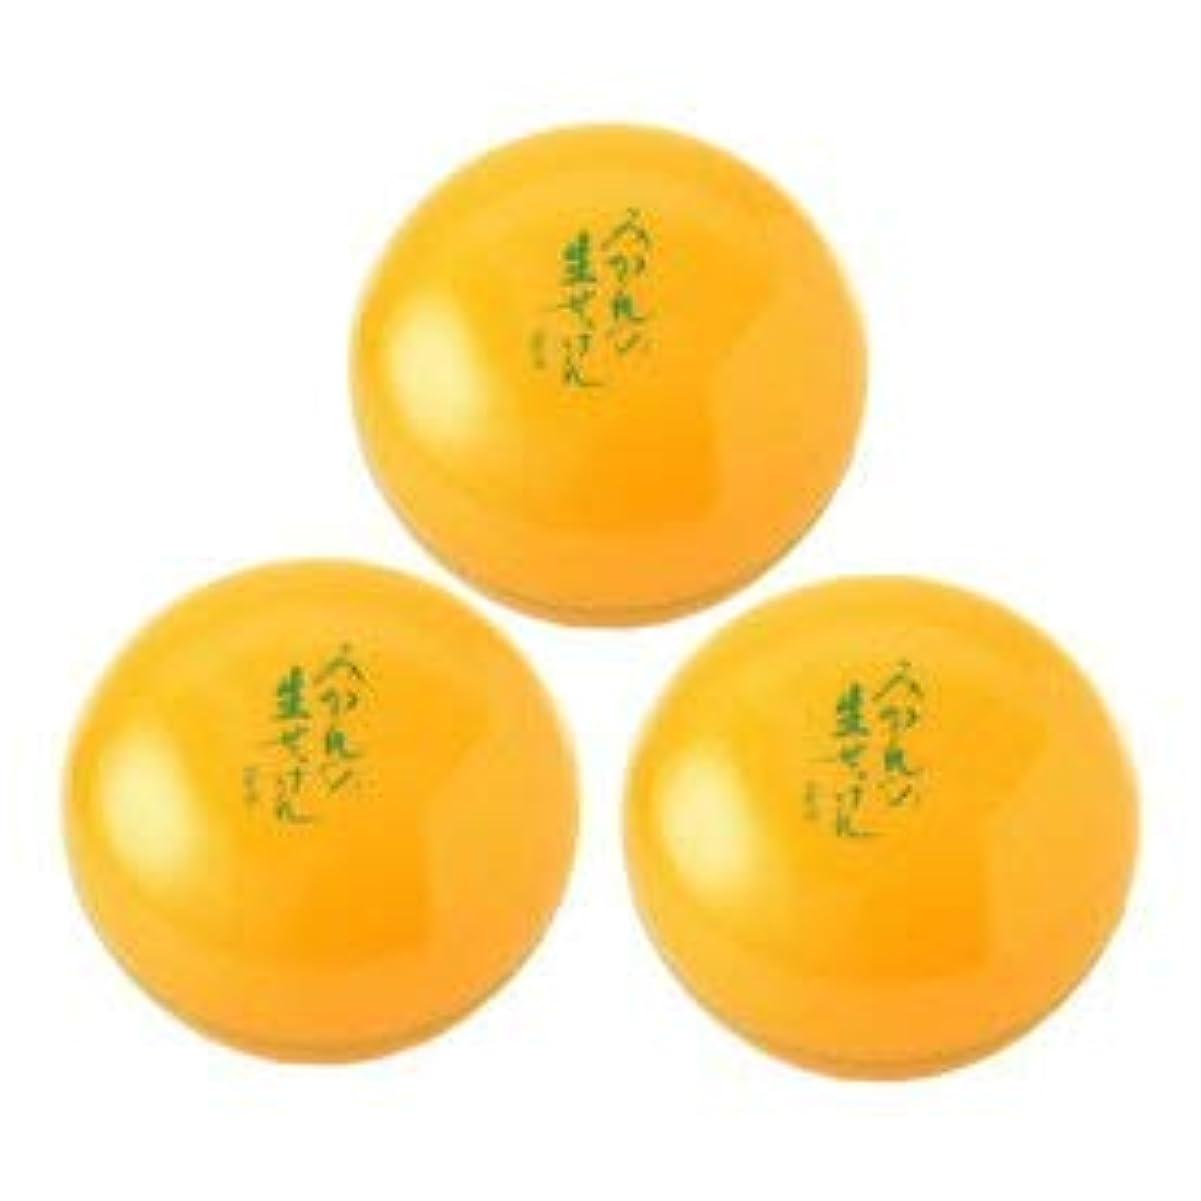 人種スタジアム時々時々UYEKI美香柑みかんの生せっけん50g×3個セット